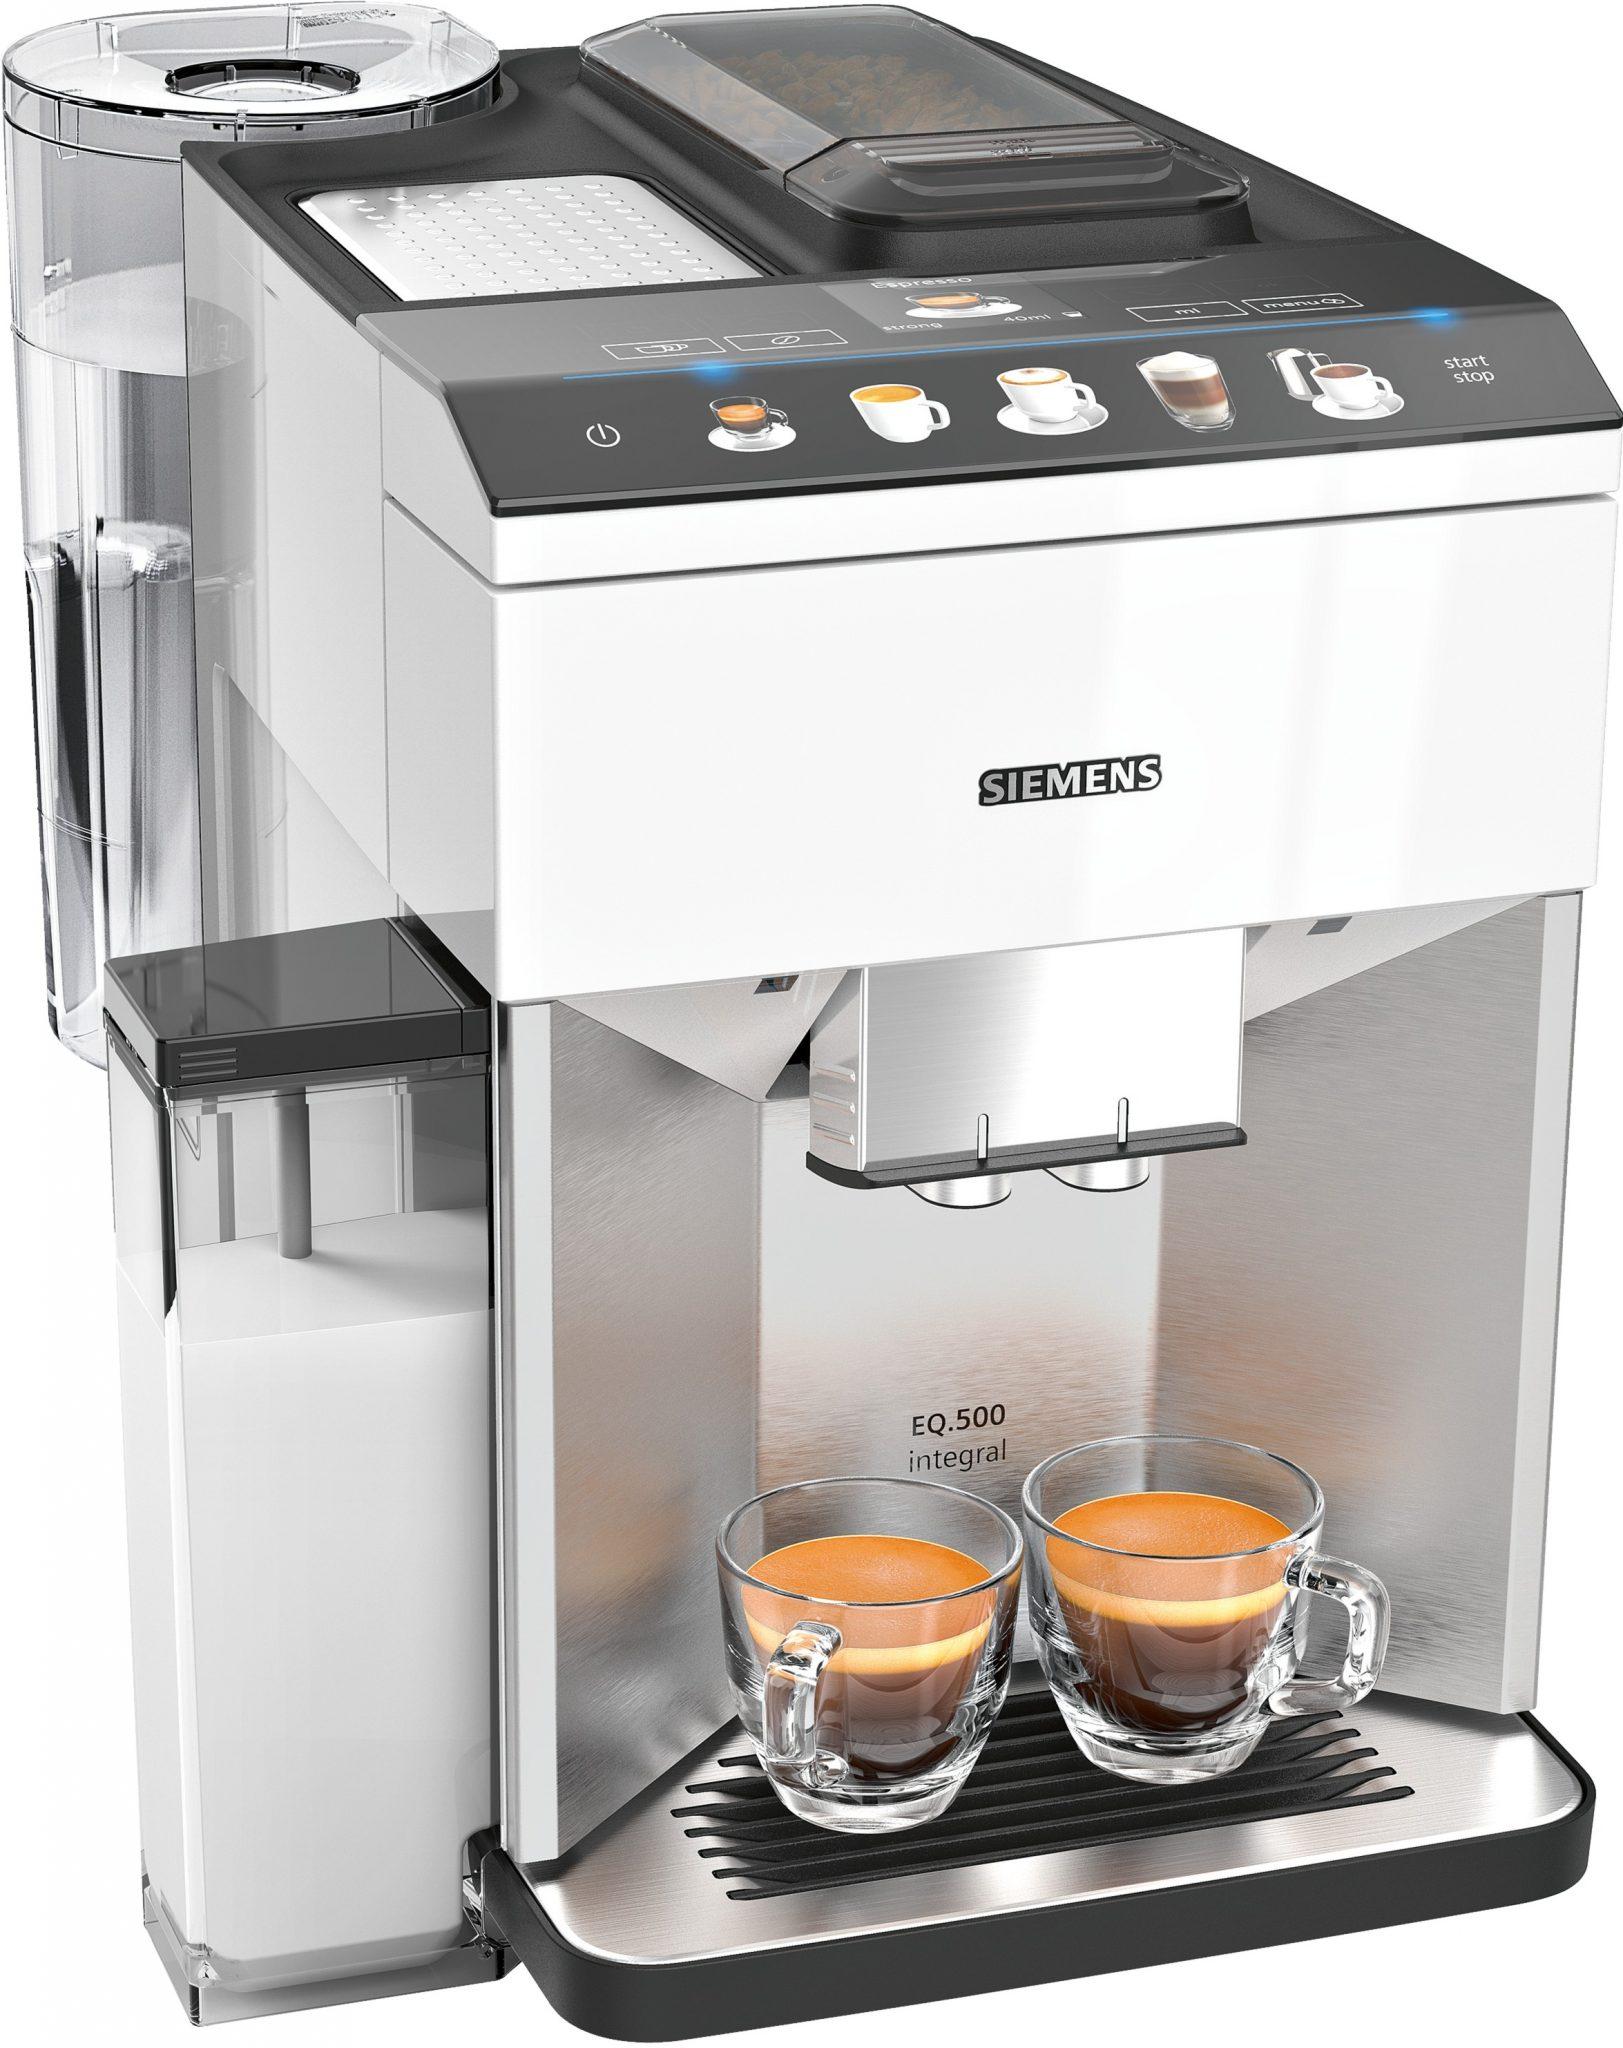 לשתות קפה בסטייל. בבית או במשרד